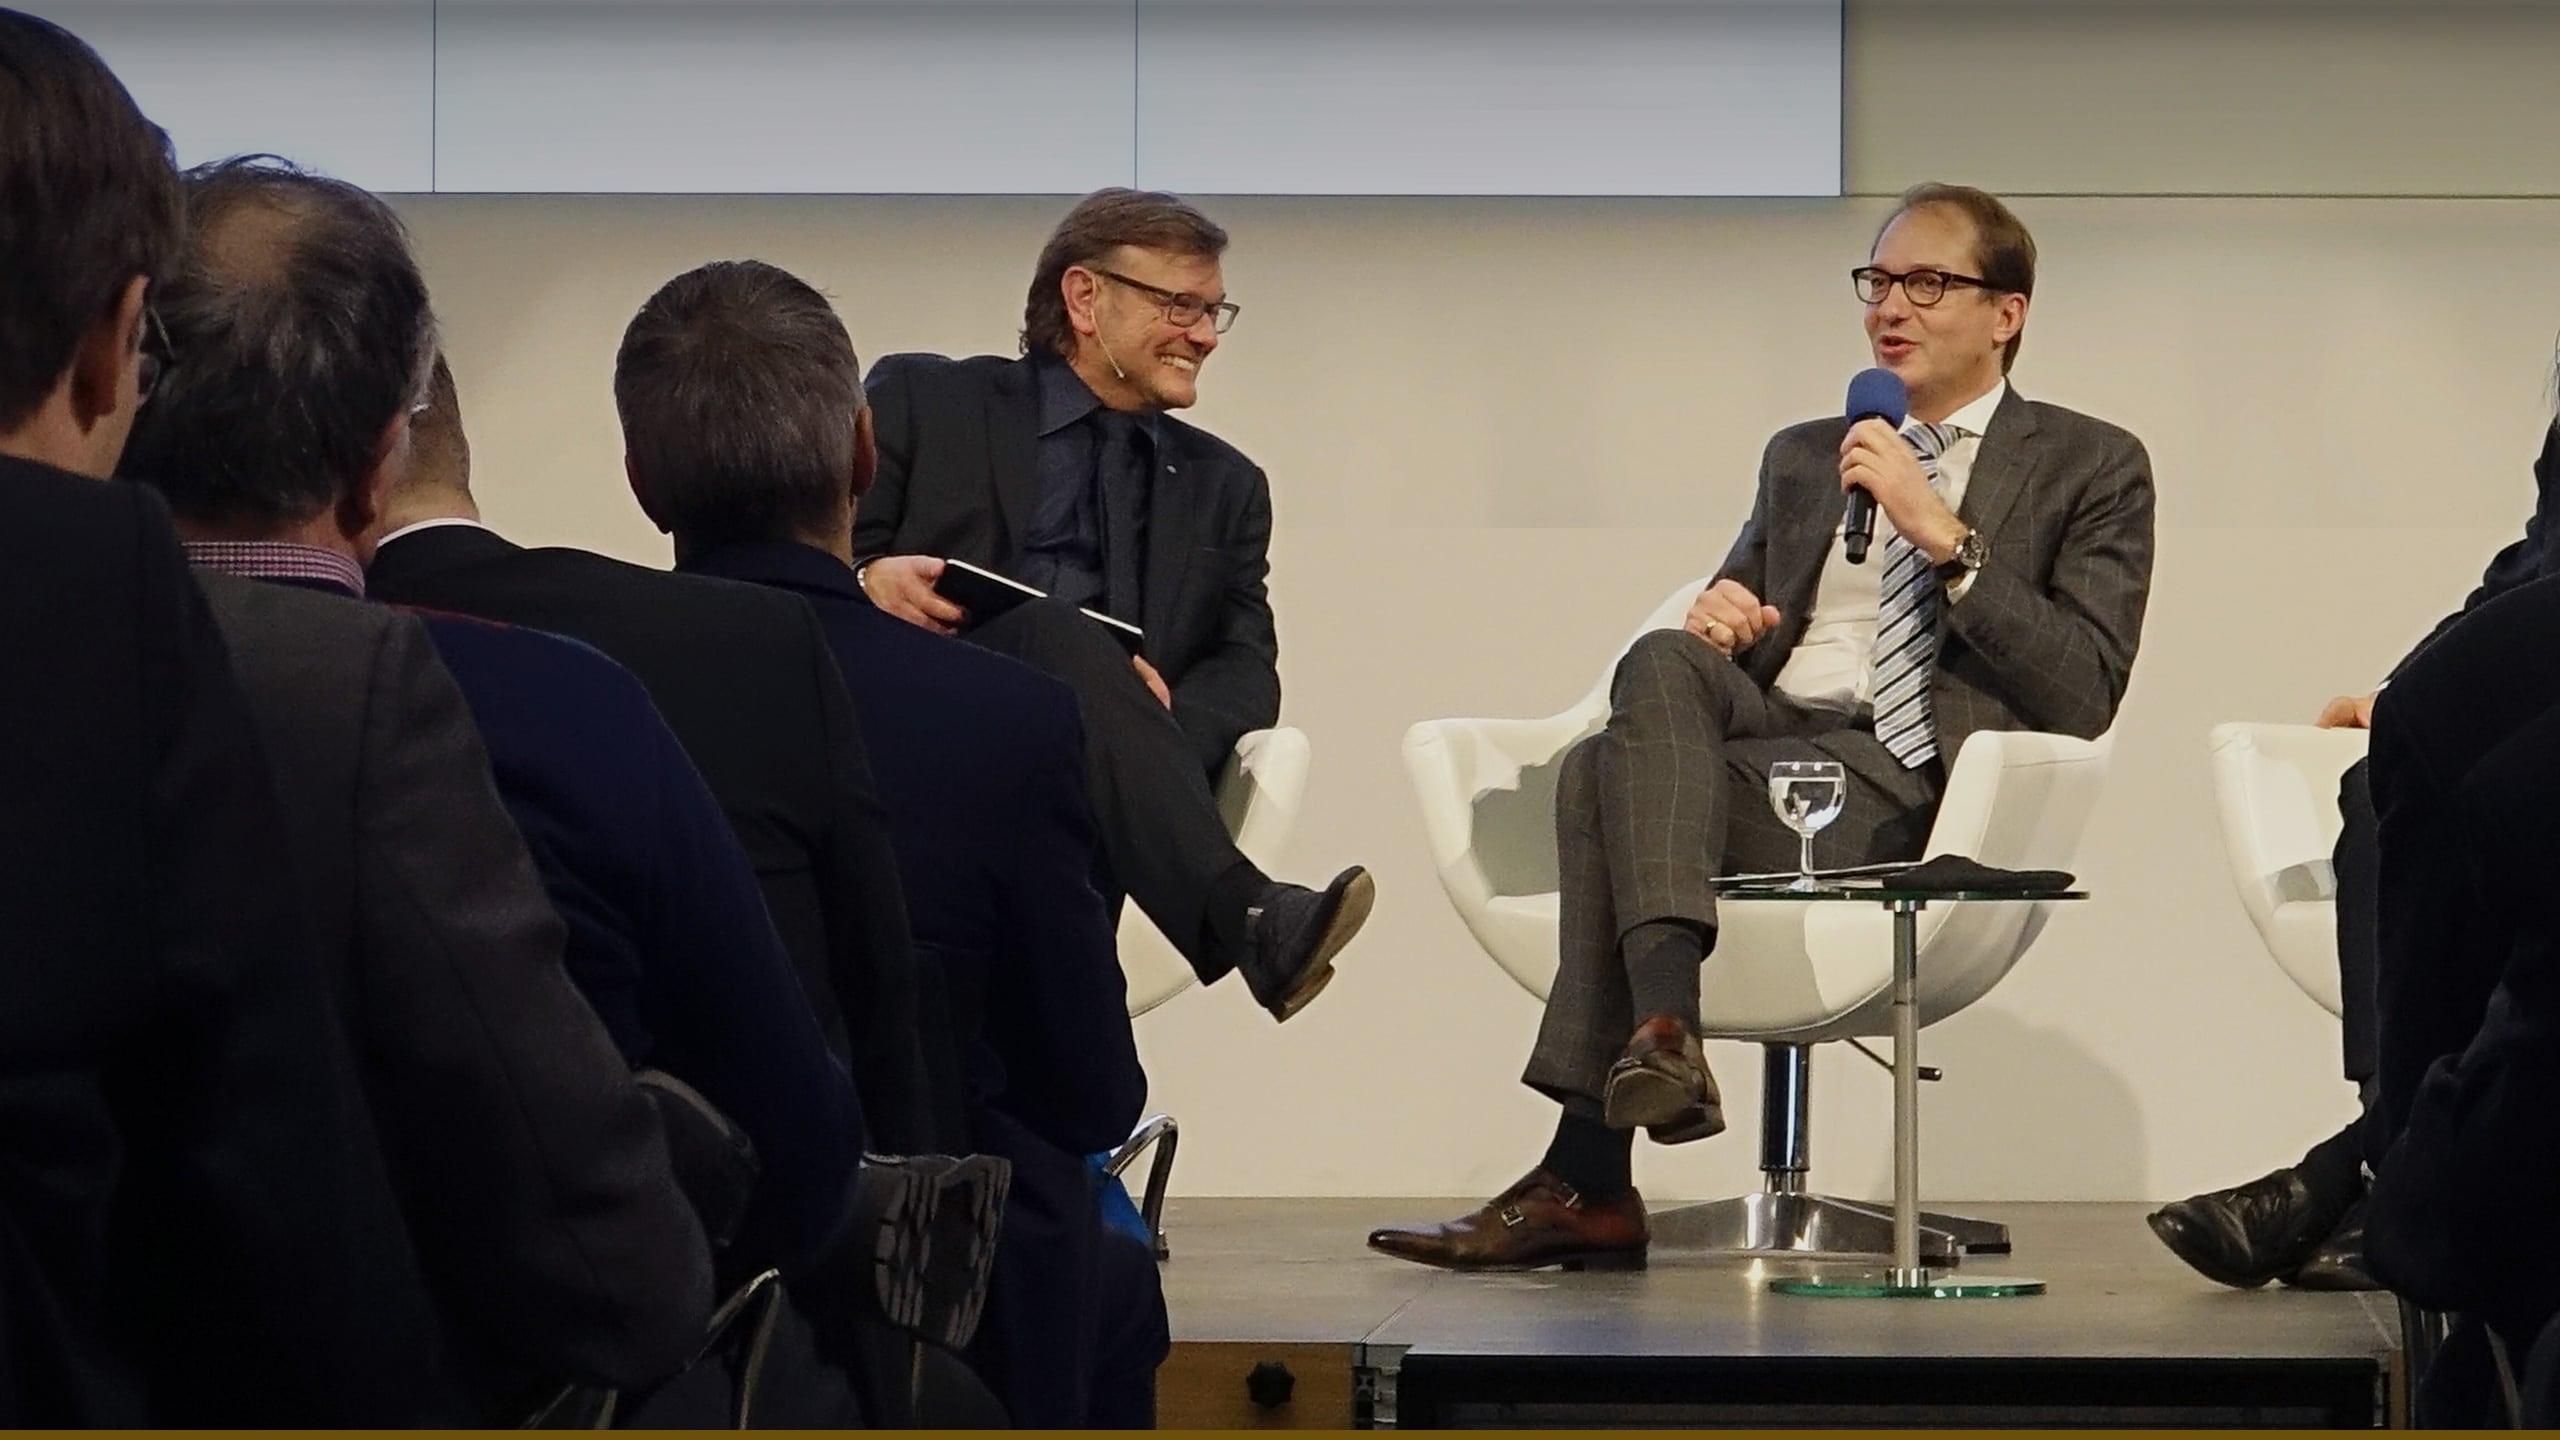 juergen-pfeiffer-politischer-interviewer-polit-moderation